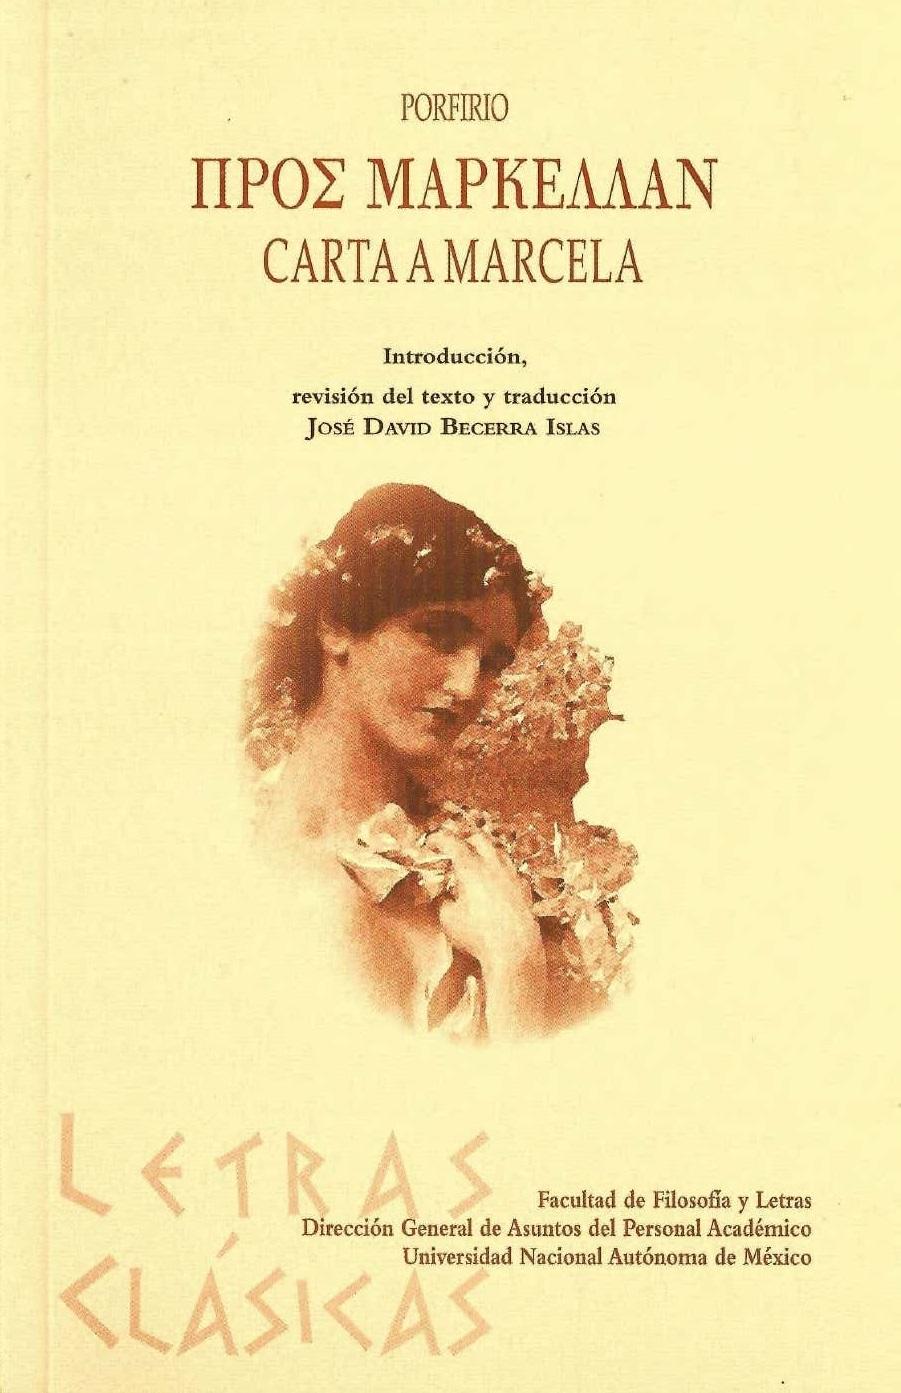 Carta a Marcela